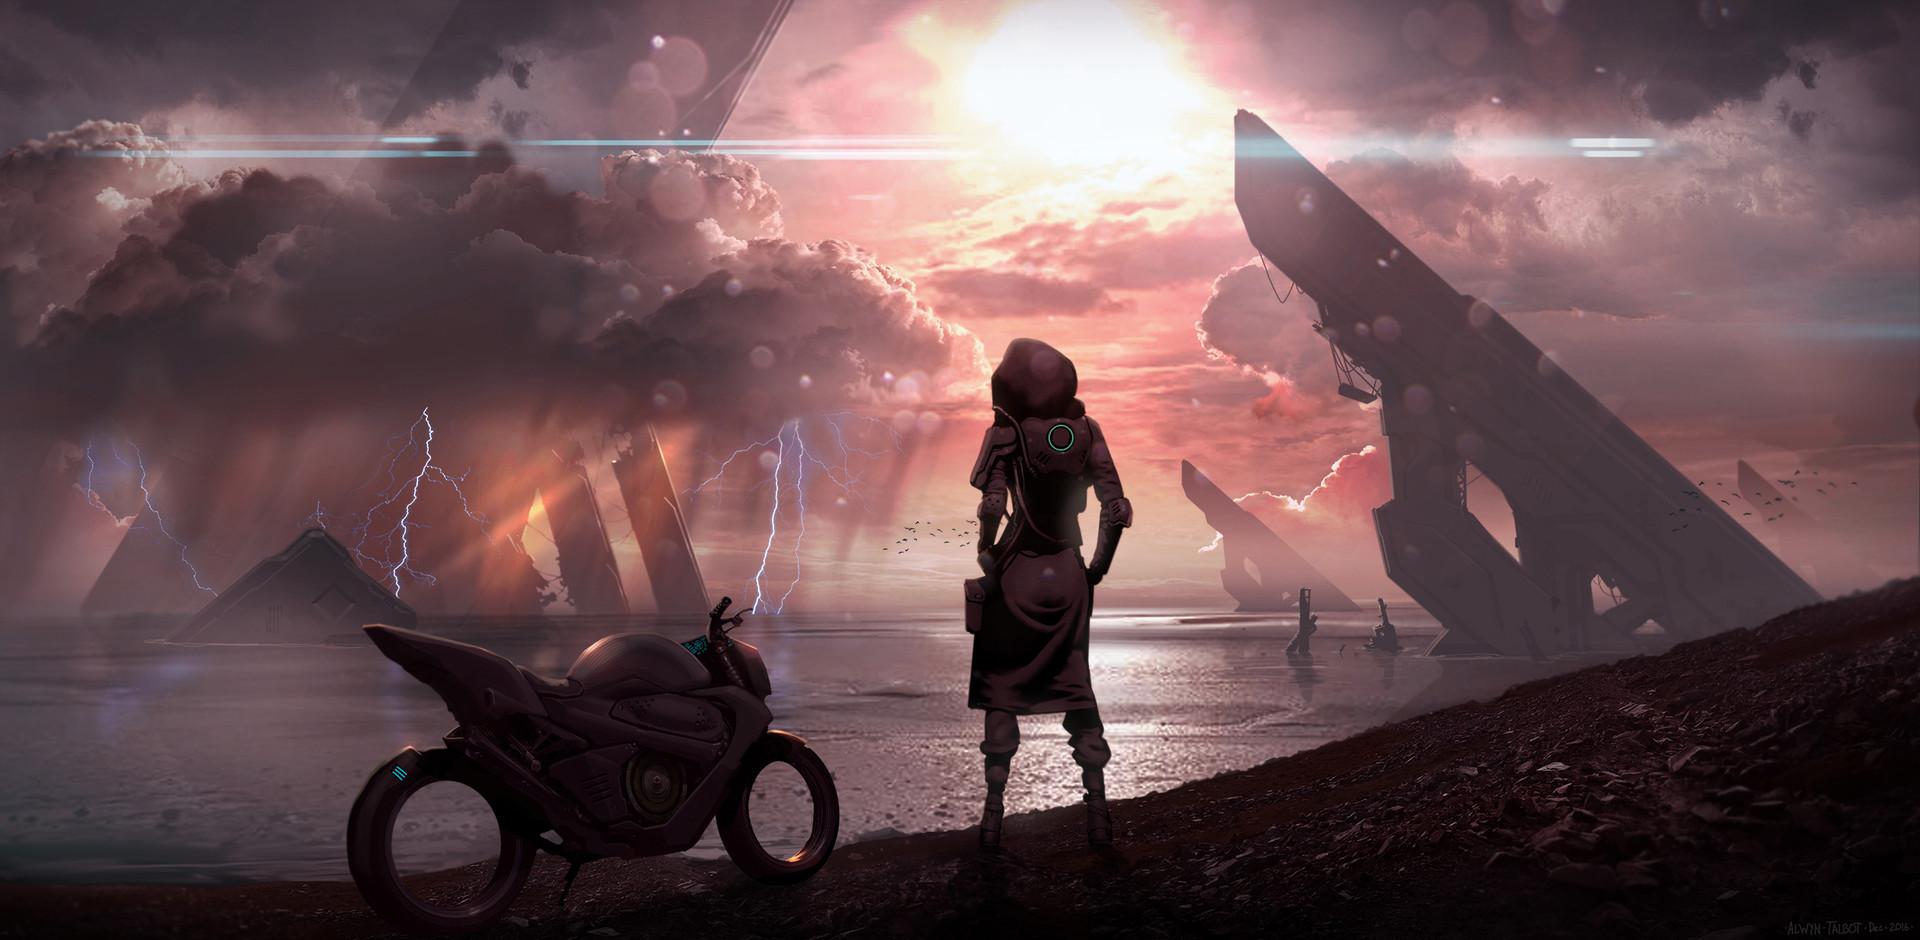 the-scifi-art-of-alwyn-talbot